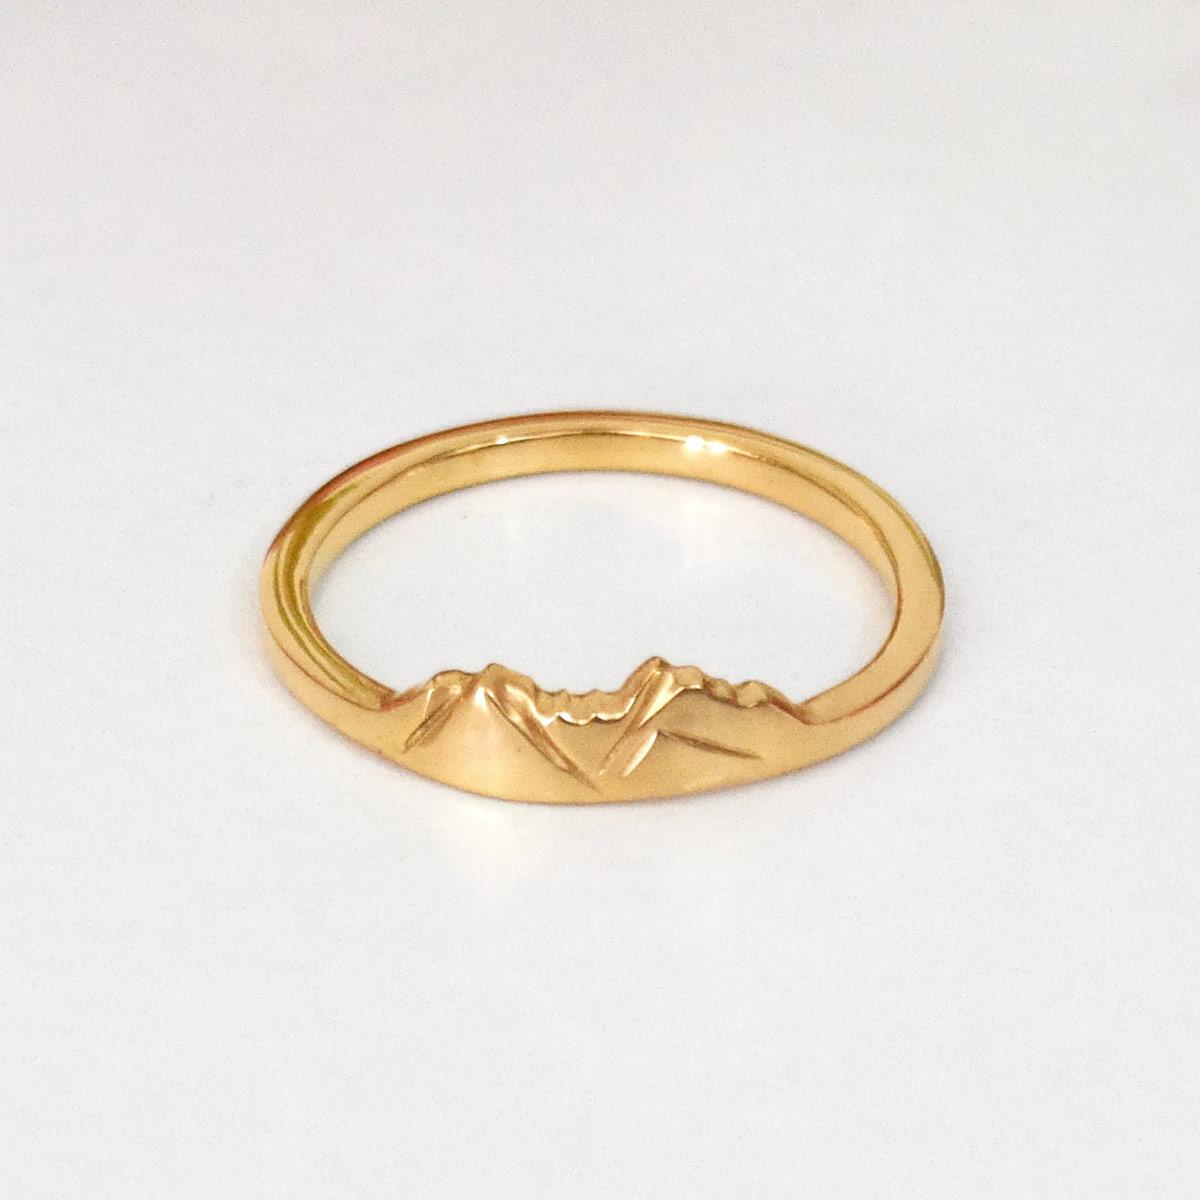 14k gold custom mountain ring of vail gore mountain range